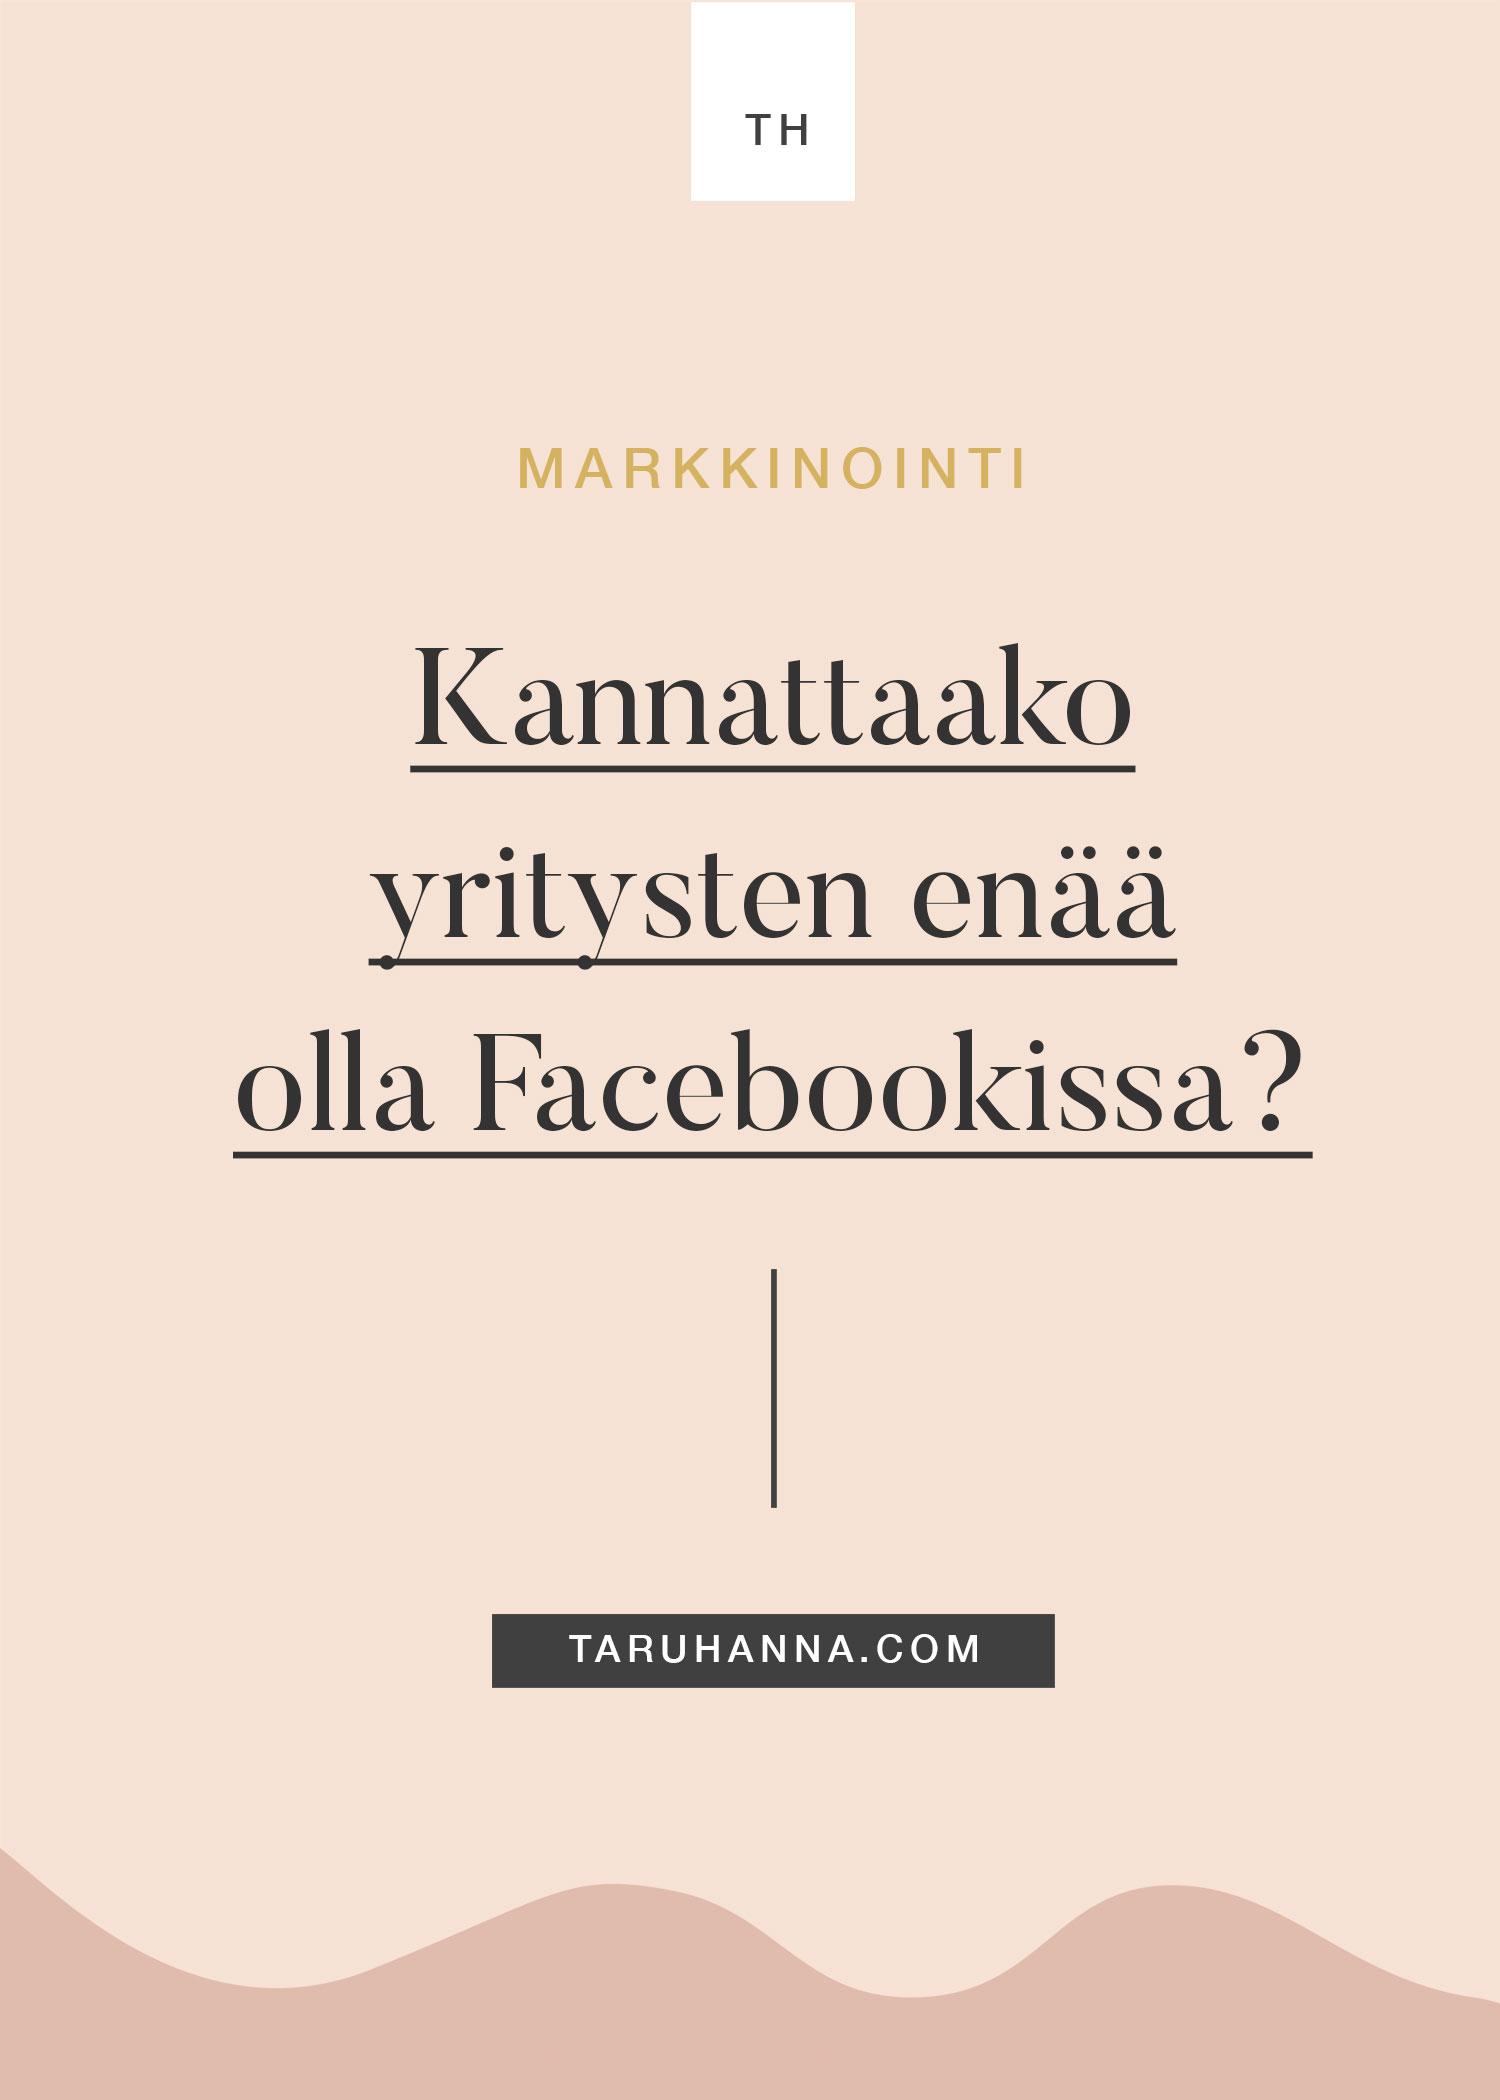 Kannattaako yritysten enää olla Facebookissa?